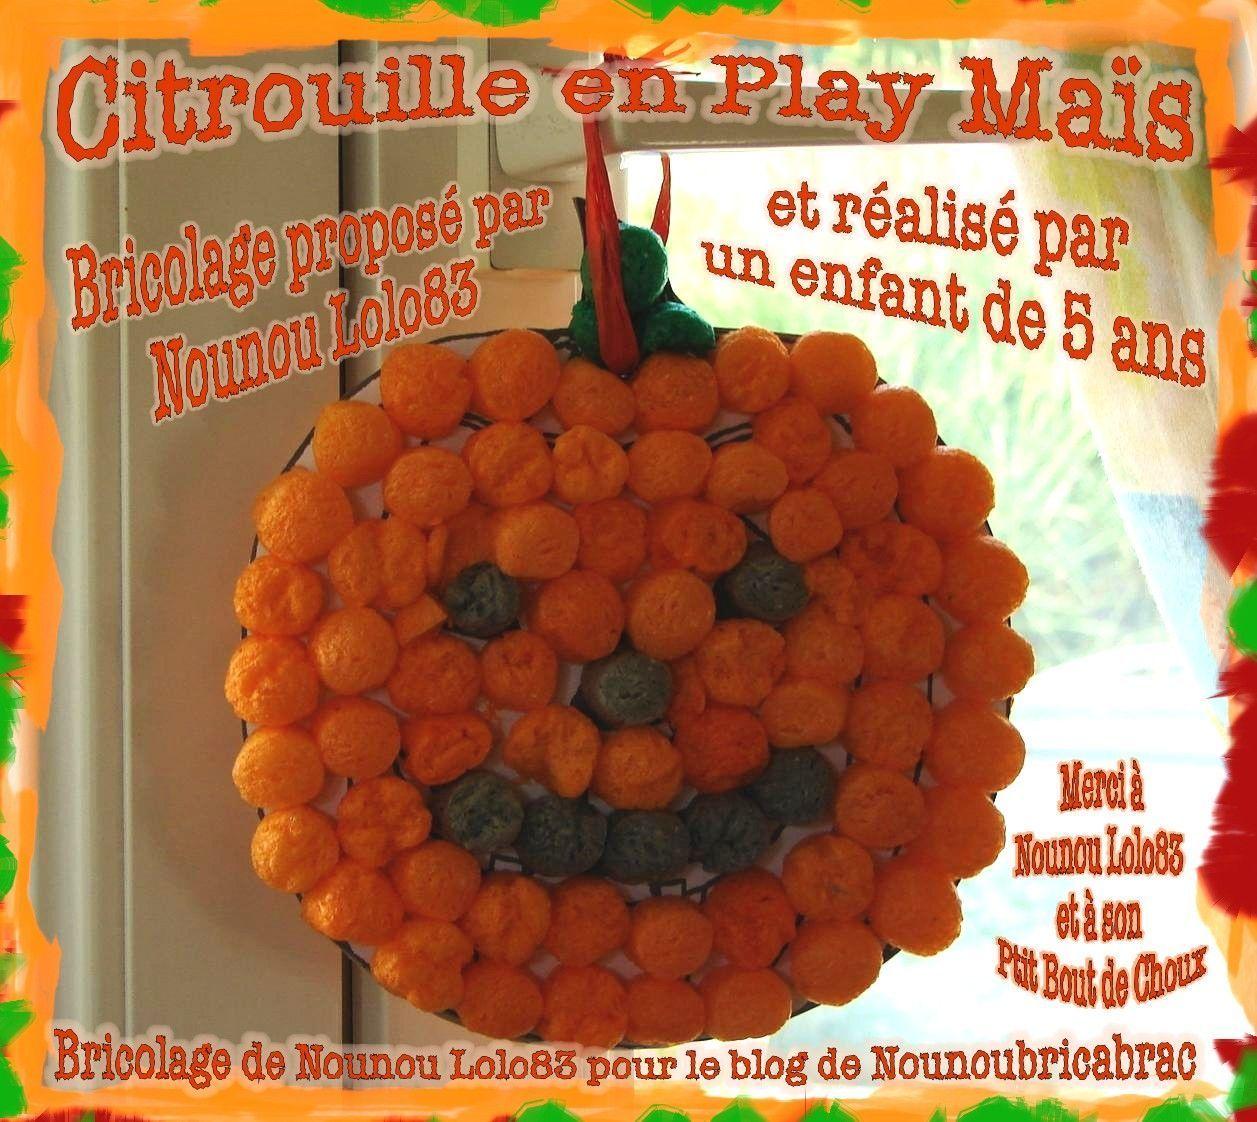 Citrouille en Play Maïs... bricolage proposé par Nounou Lolo83 ...